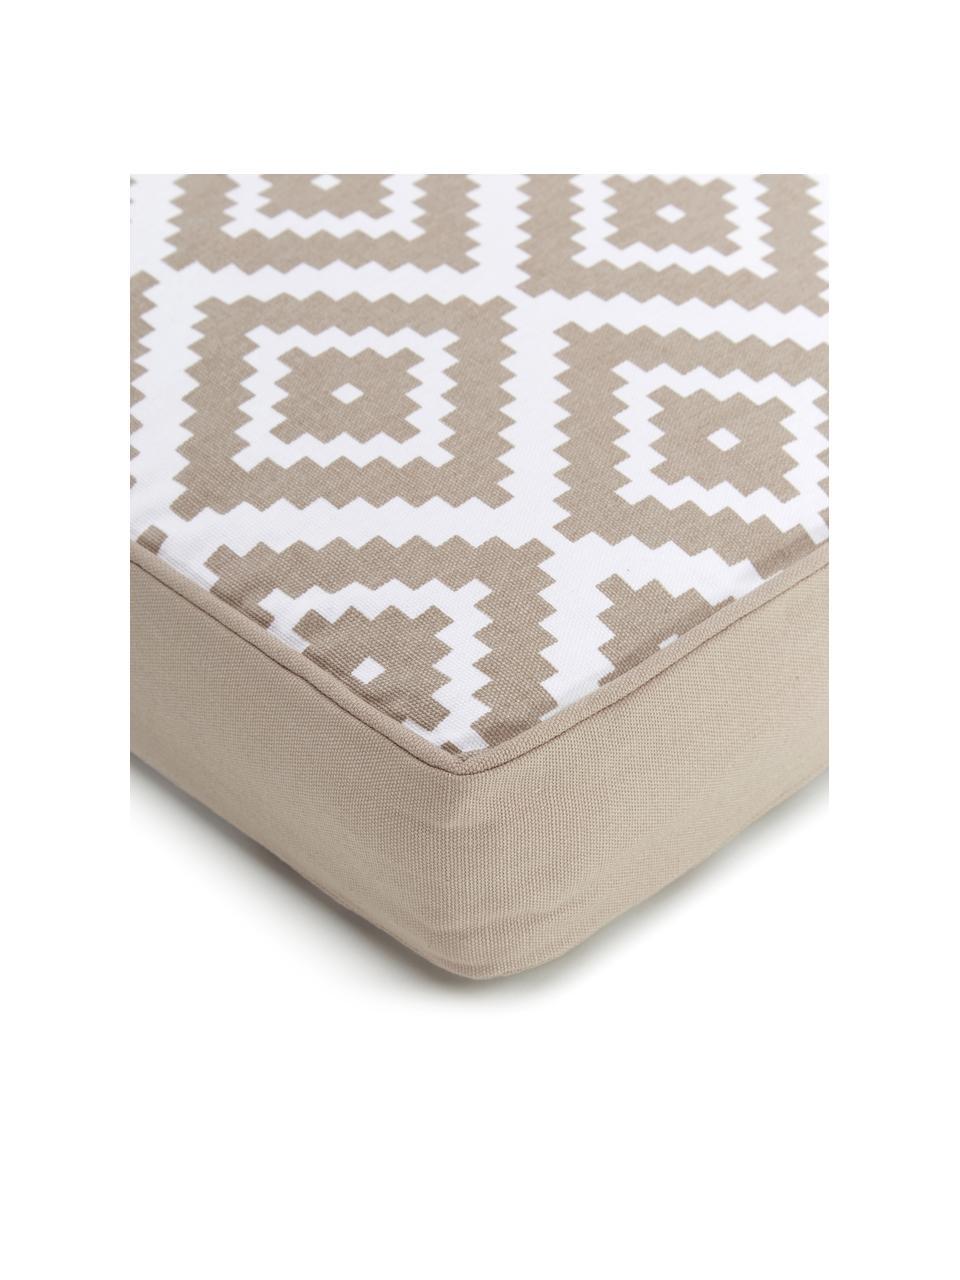 Hohes Sitzkissen Miami in Taupe/Weiß, Bezug: 100% Baumwolle, Beige, 40 x 40 cm